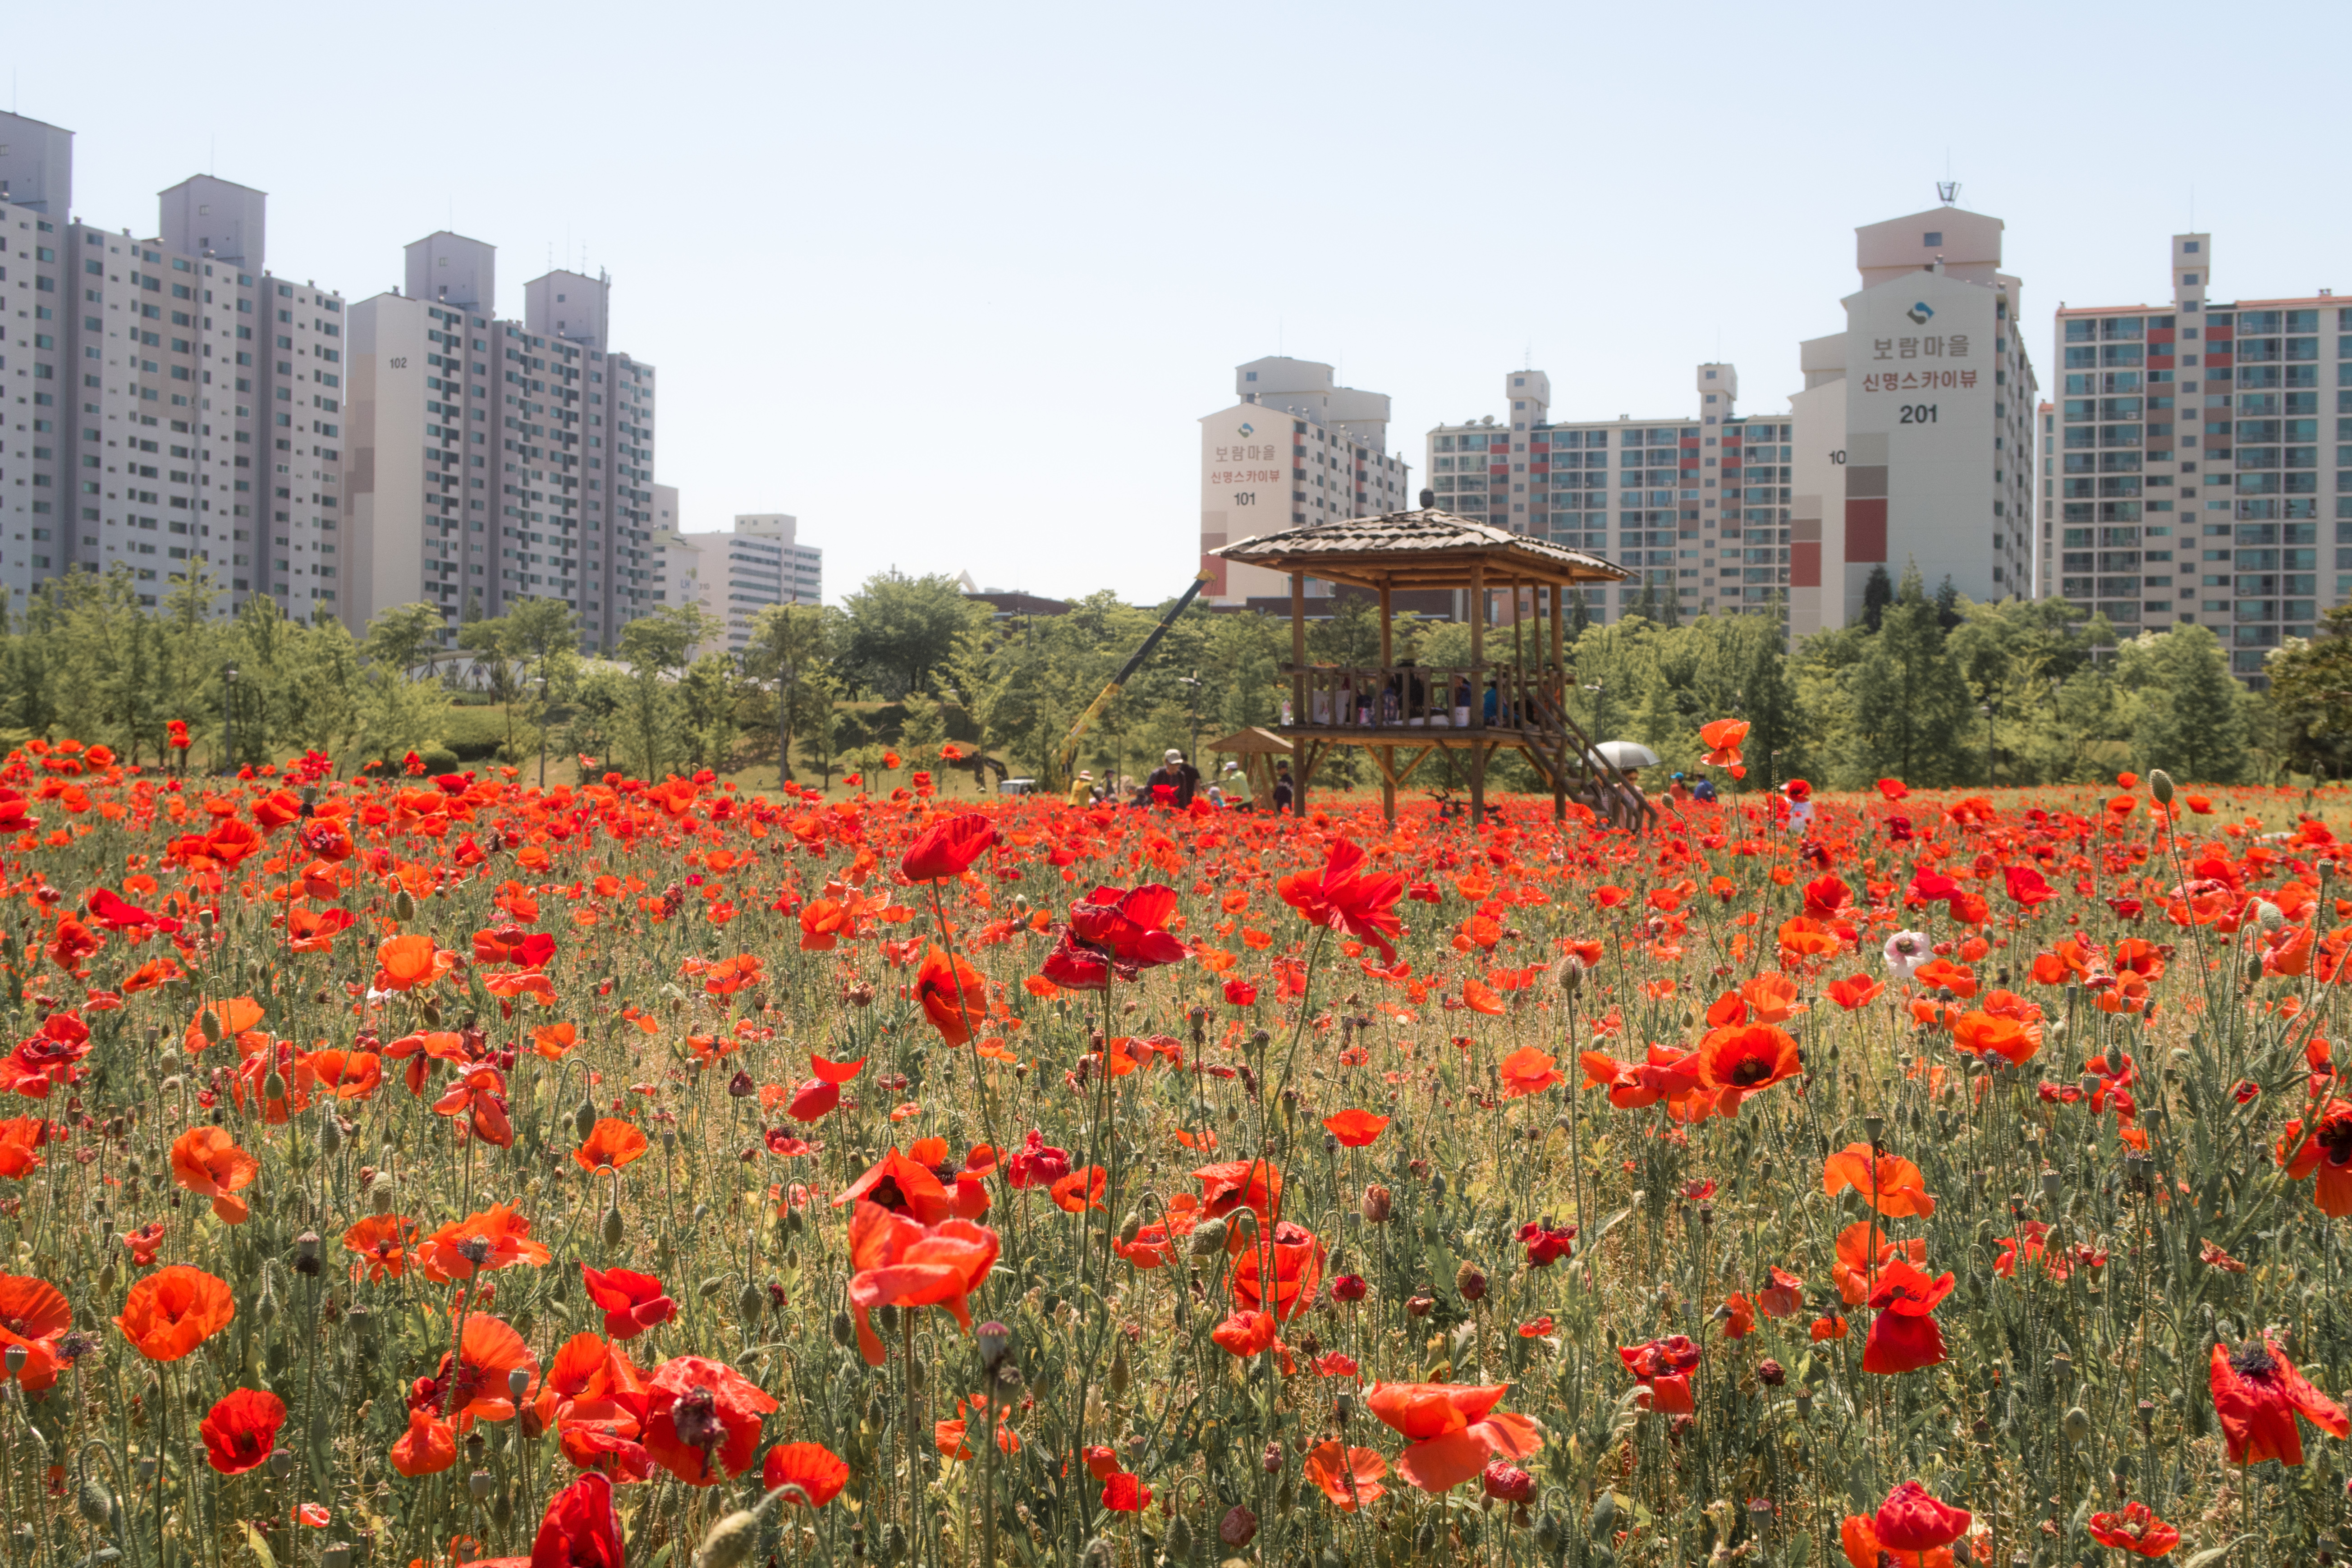 Seoraeseom Sangdong Lake Park